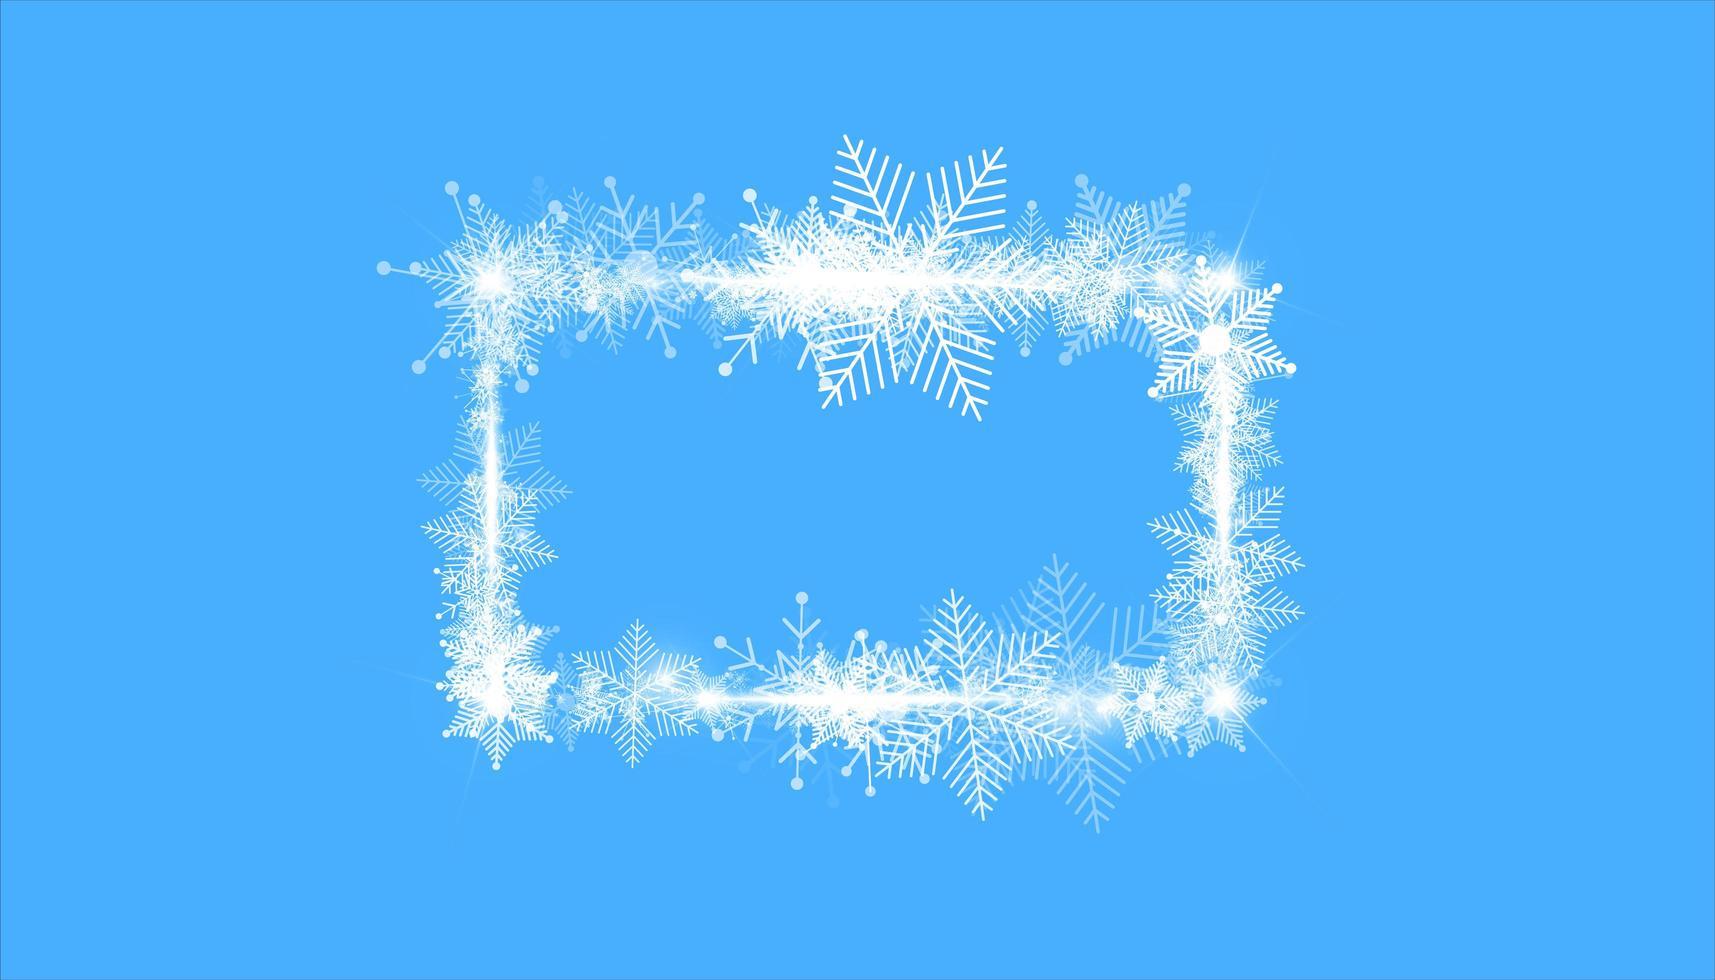 rechteckiger Winterschneerahmenrand mit Sternen, Funkeln und Schneeflocken auf Blau vektor